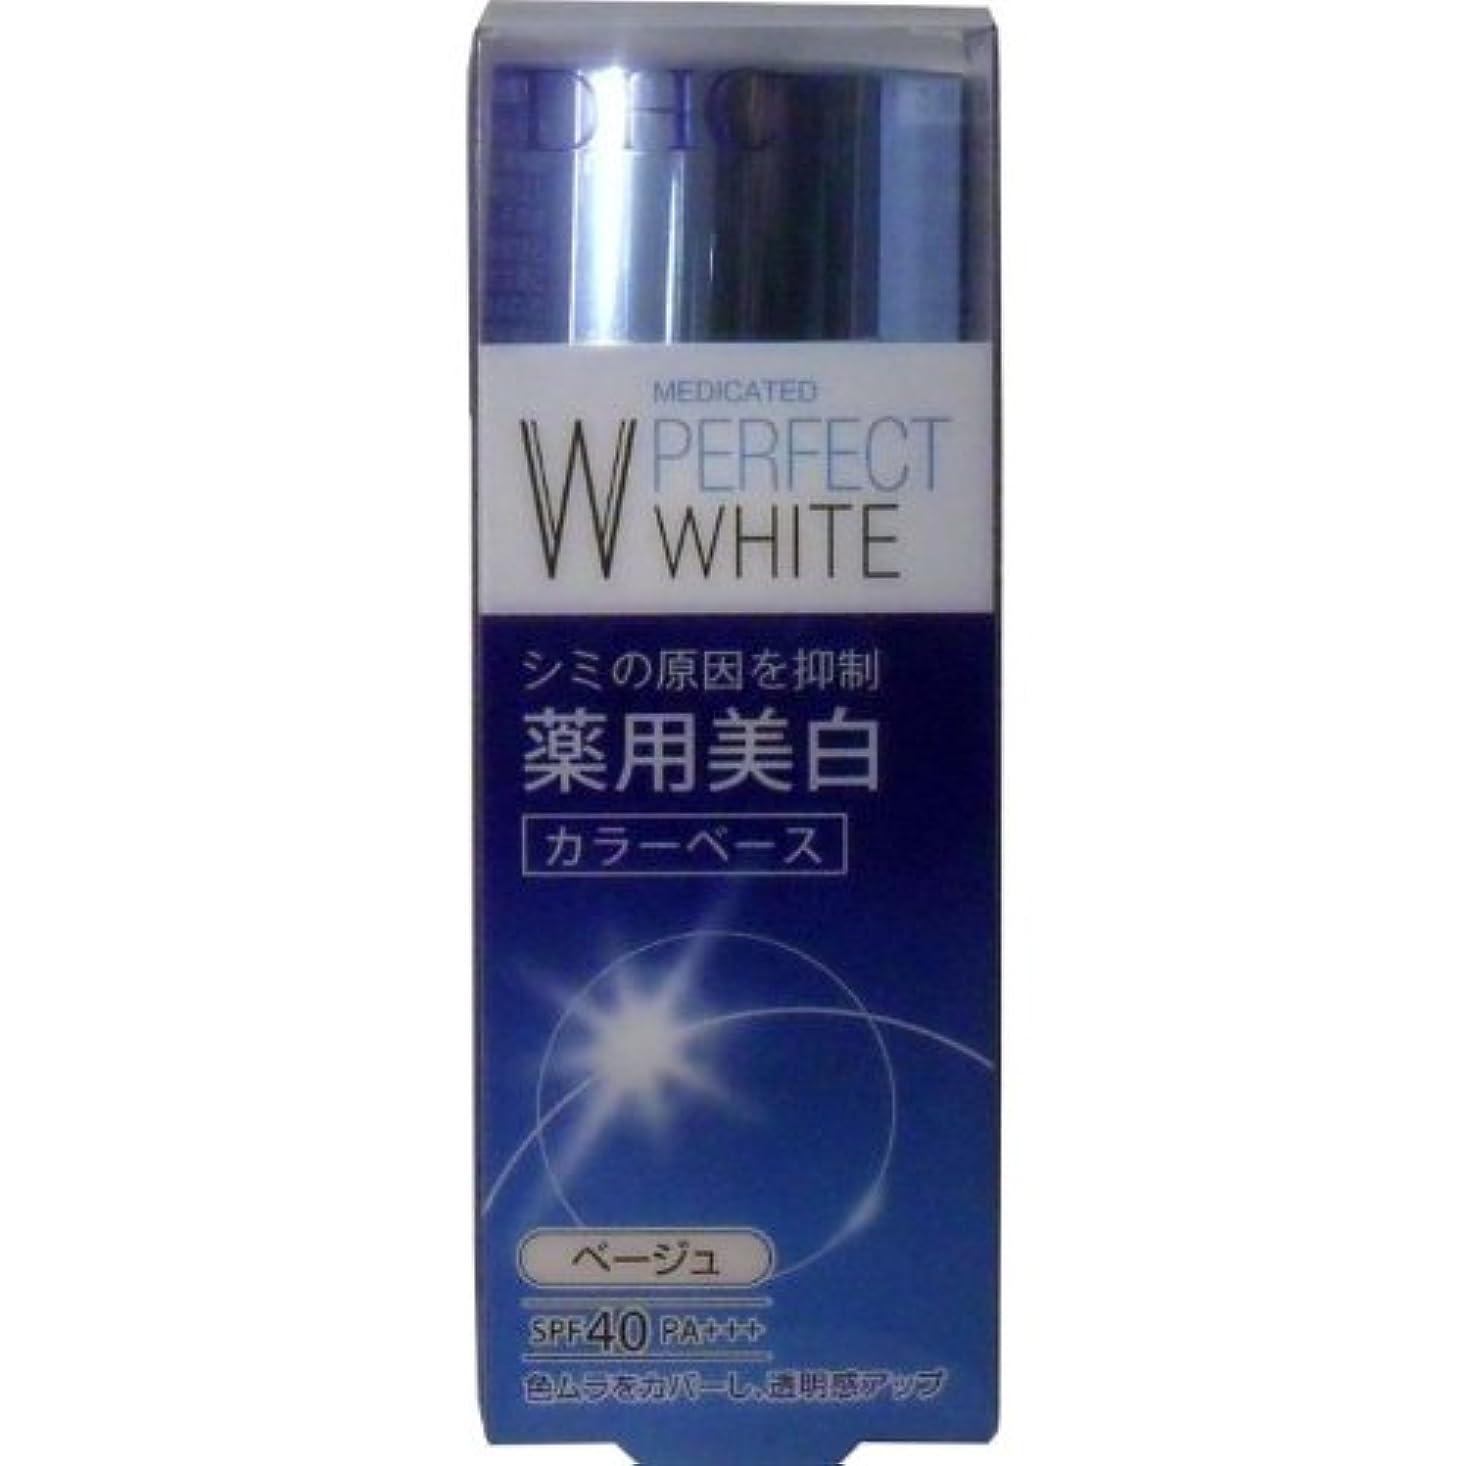 パーティション多数の群集DHC 薬用美白パーフェクトホワイト カラーベース ベージュ 30g